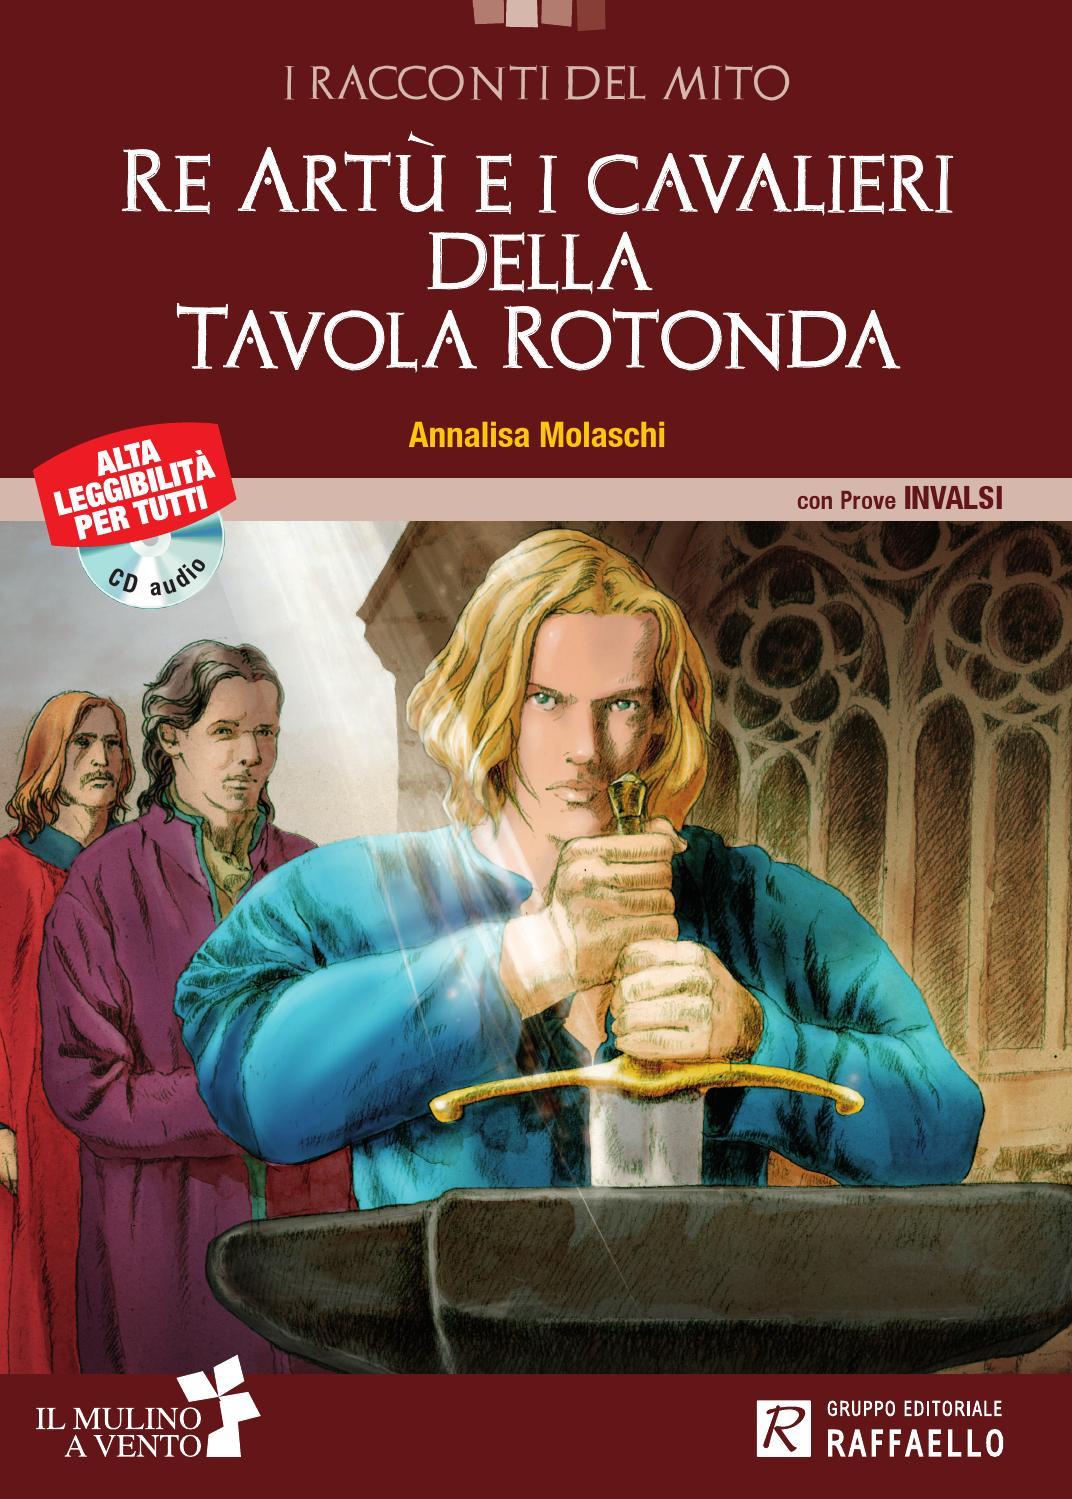 Re art e i cavalieri della tavola rotonda by gruppo - Re artu ei cavalieri della tavola rotonda libro ...